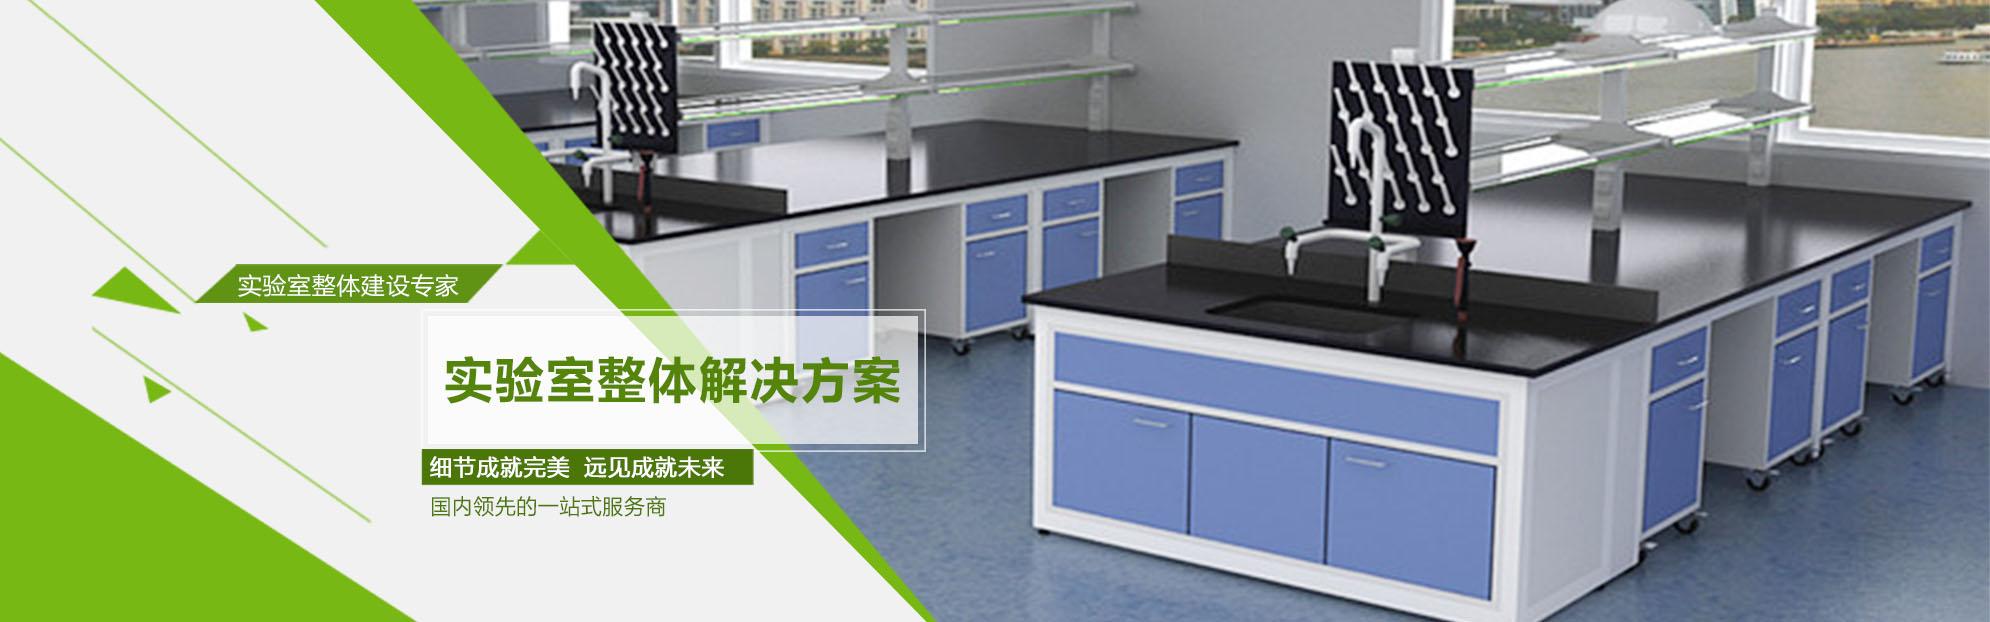 广州实验室家具价格实验室家具厂家欢迎沟通